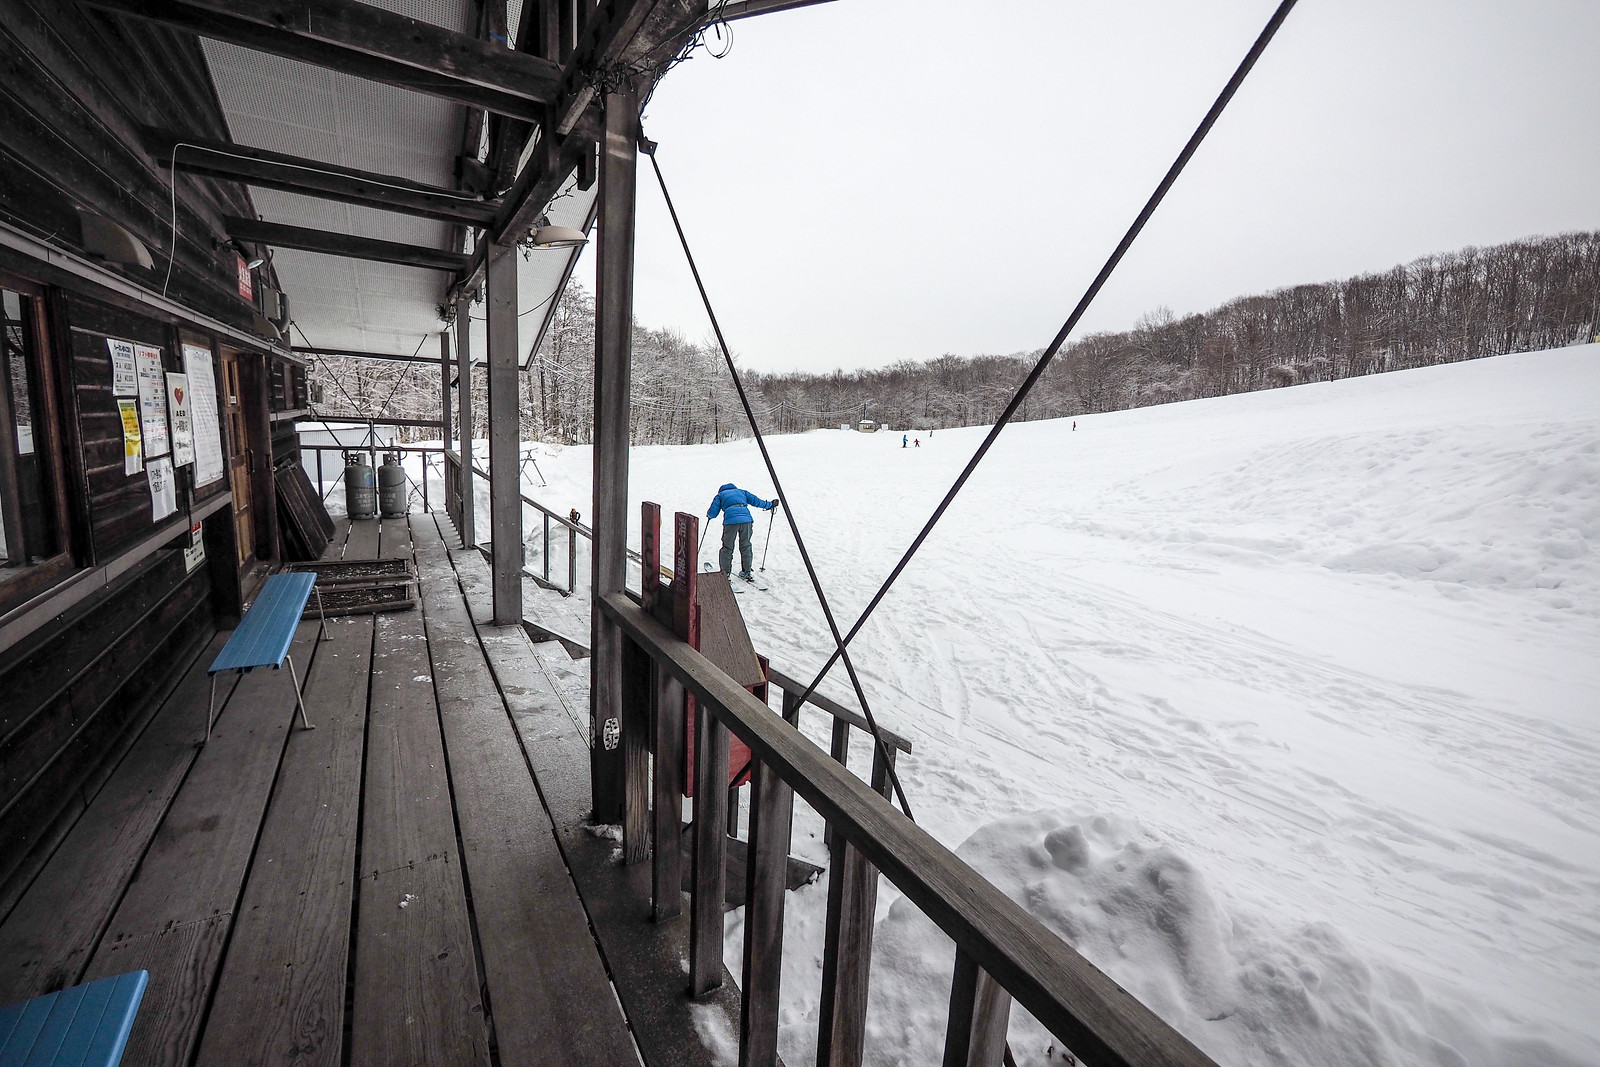 Chitose City Ski Slope (Hokkaido, Japan)